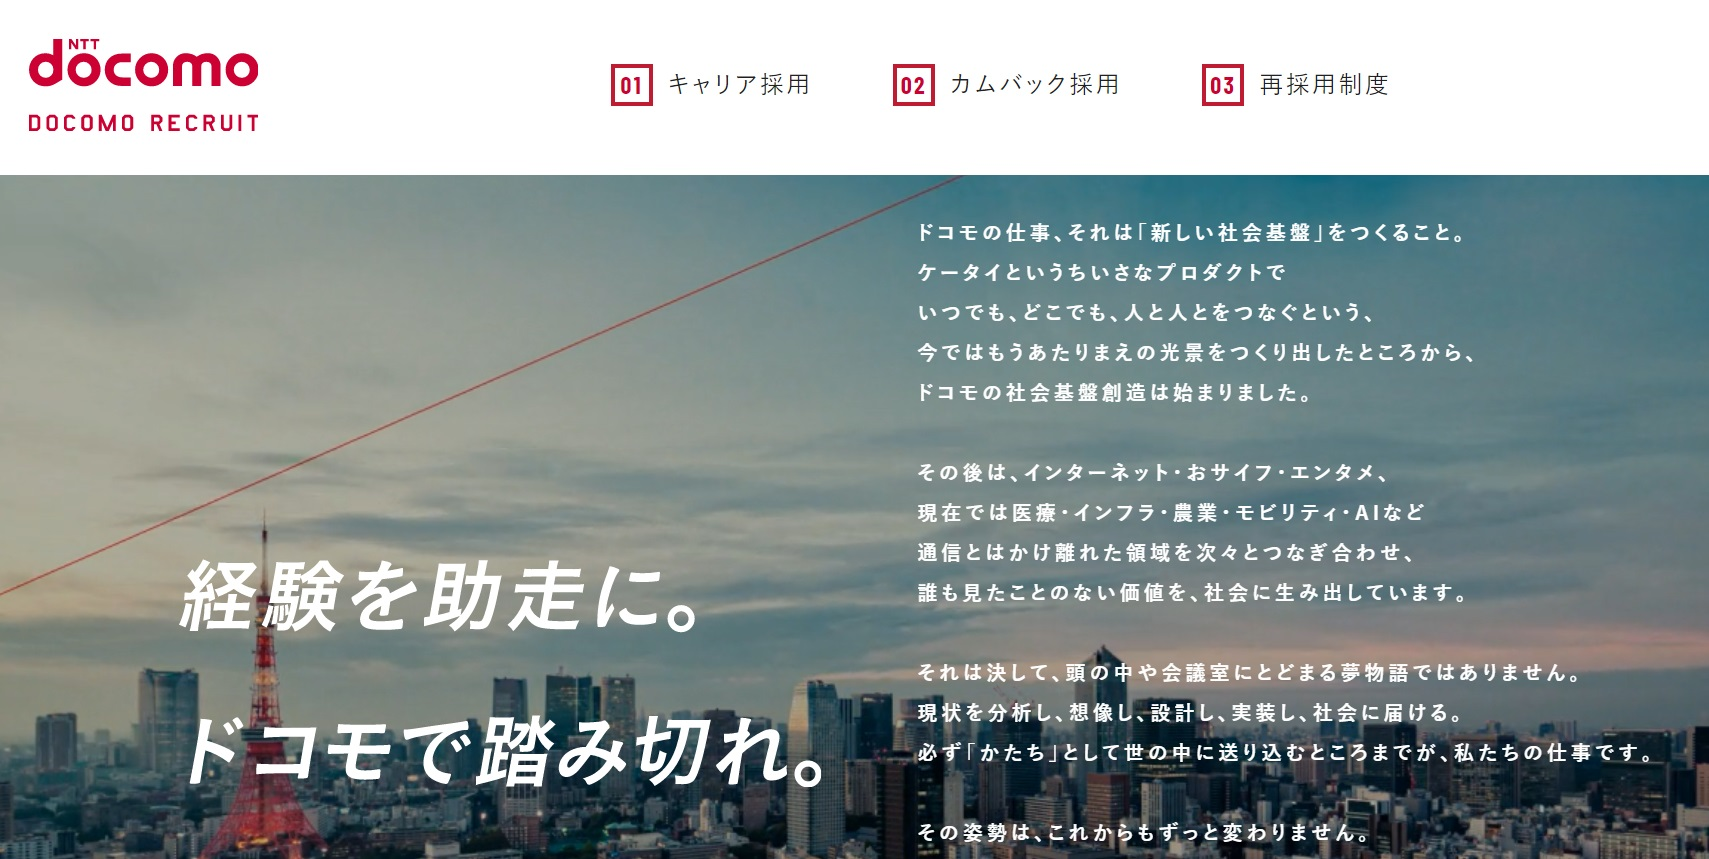 株式会社NTTドコモへの転職お役立ち情報!売上や年収、社風について解説します